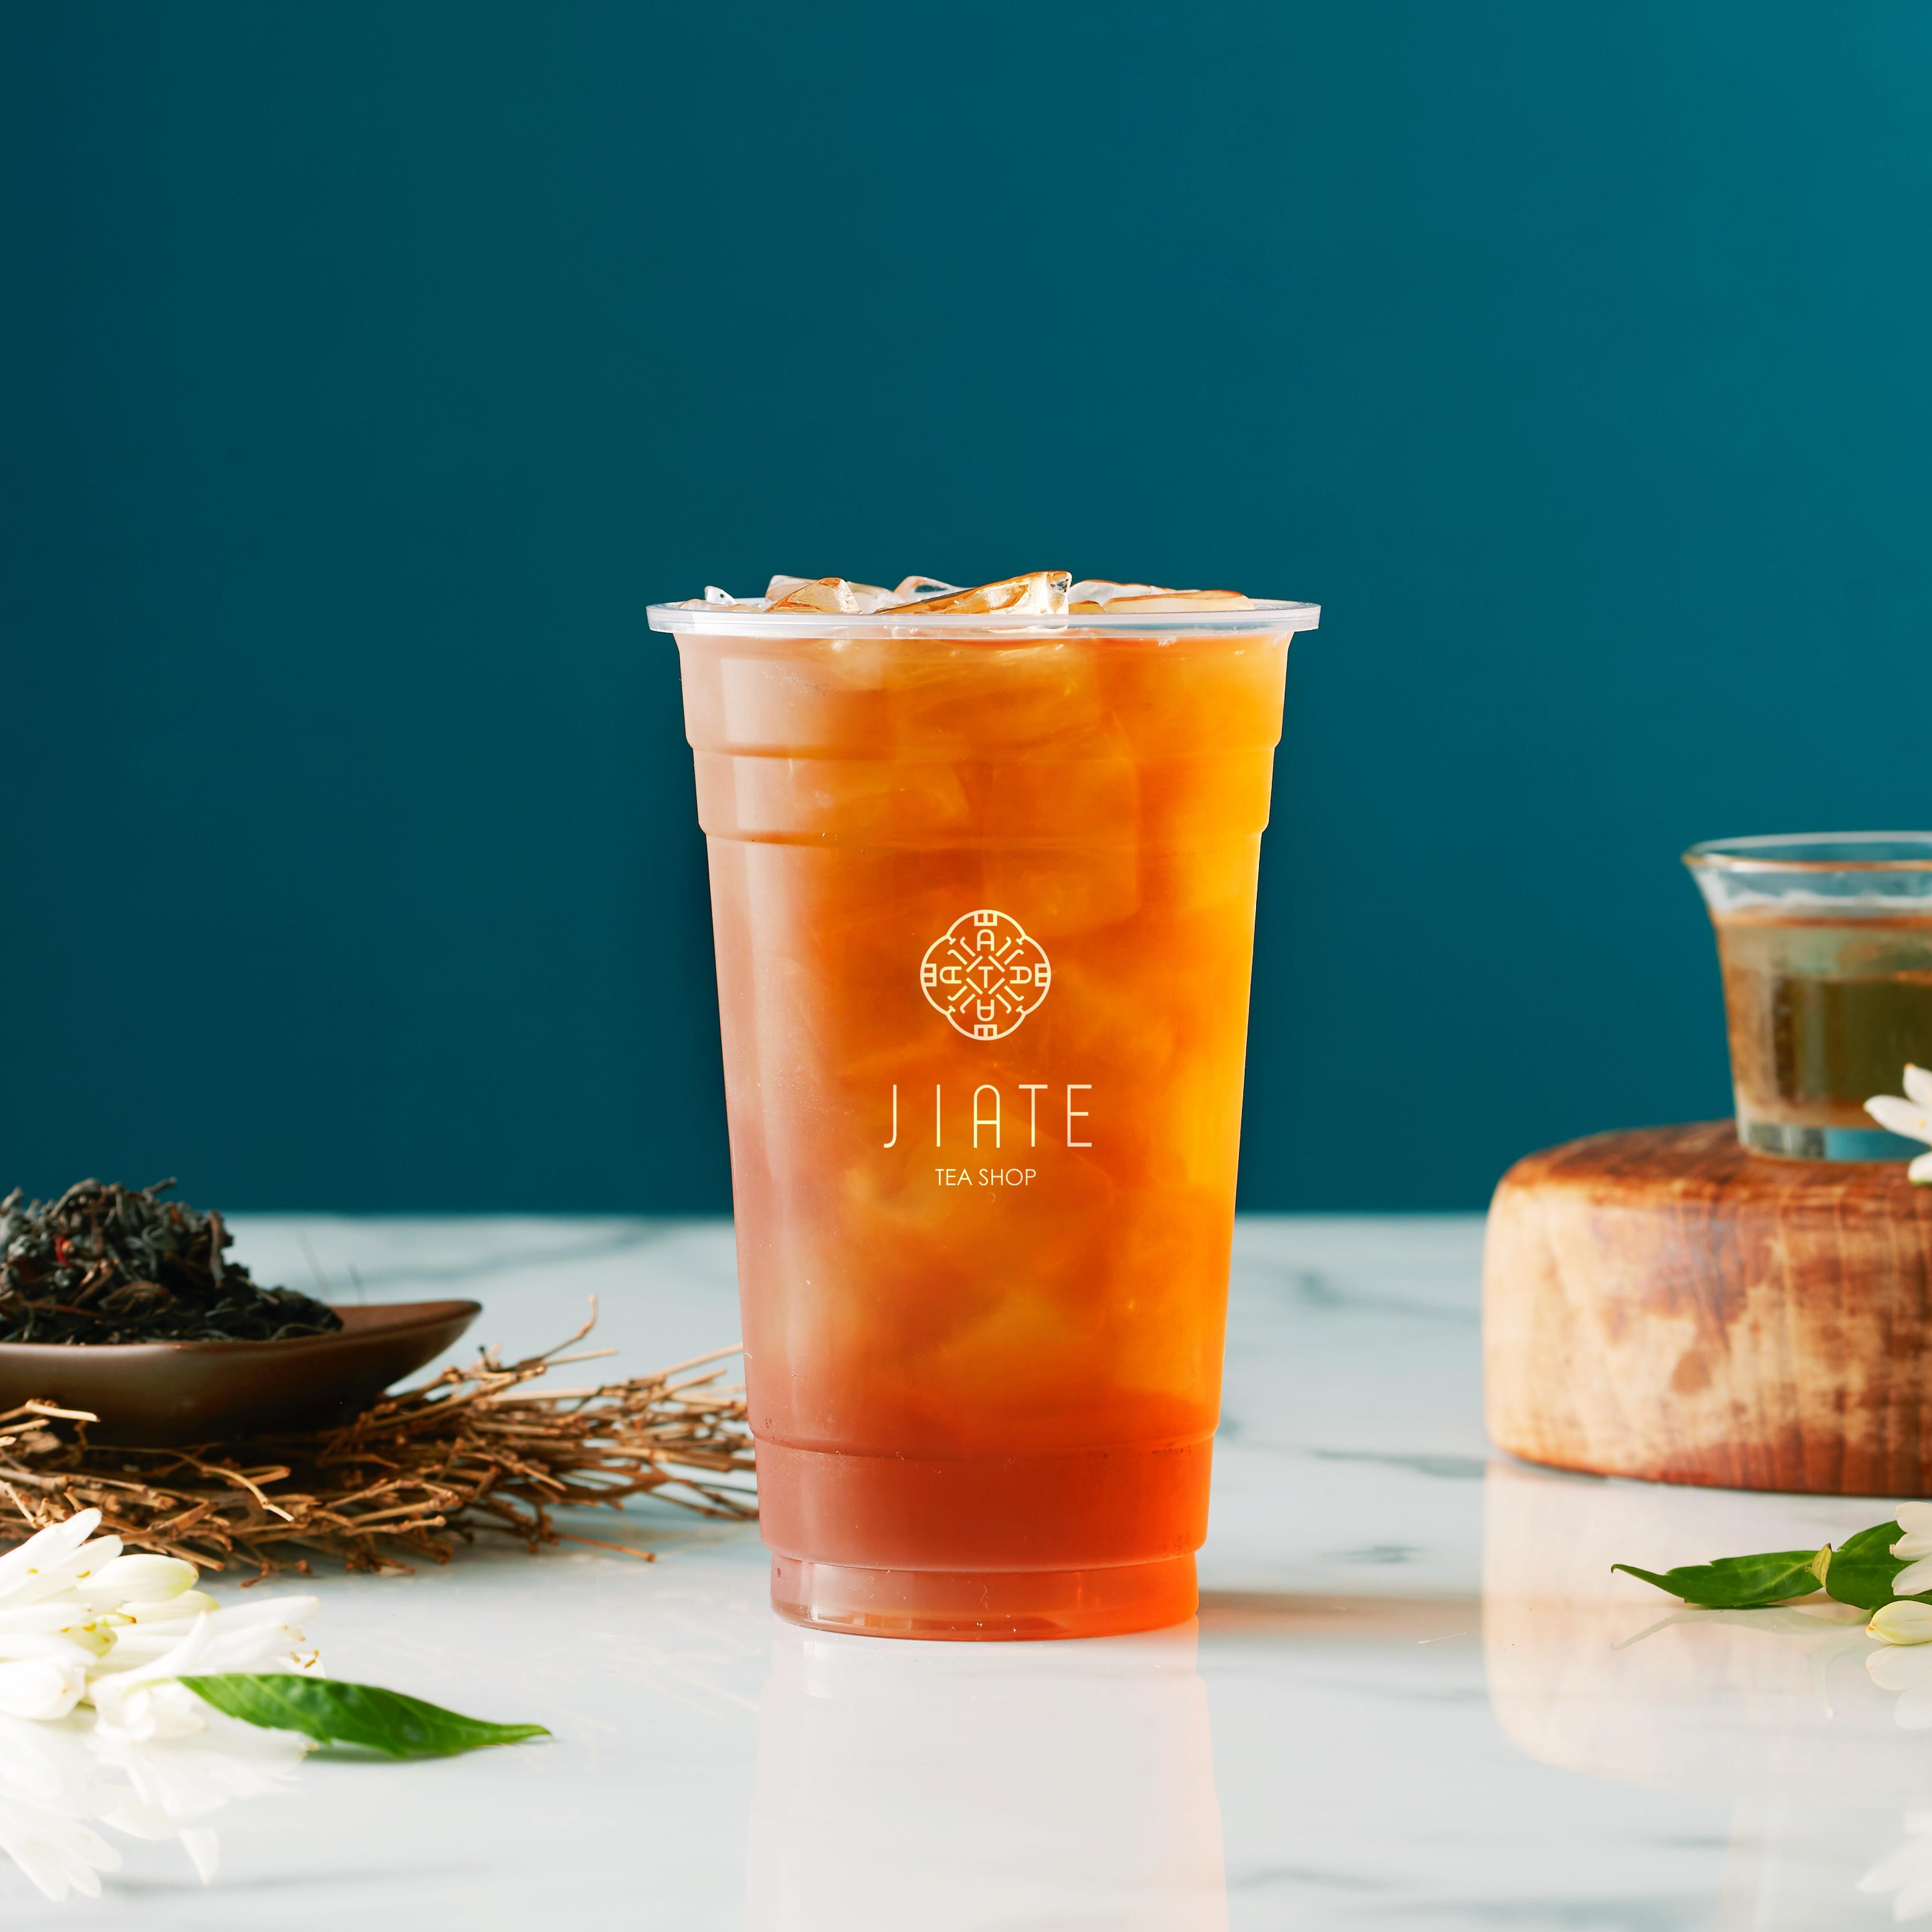 夏季飲品新選擇!手沖茶品牌 JIATE 推出全台獨家「熟成紅茶之王」